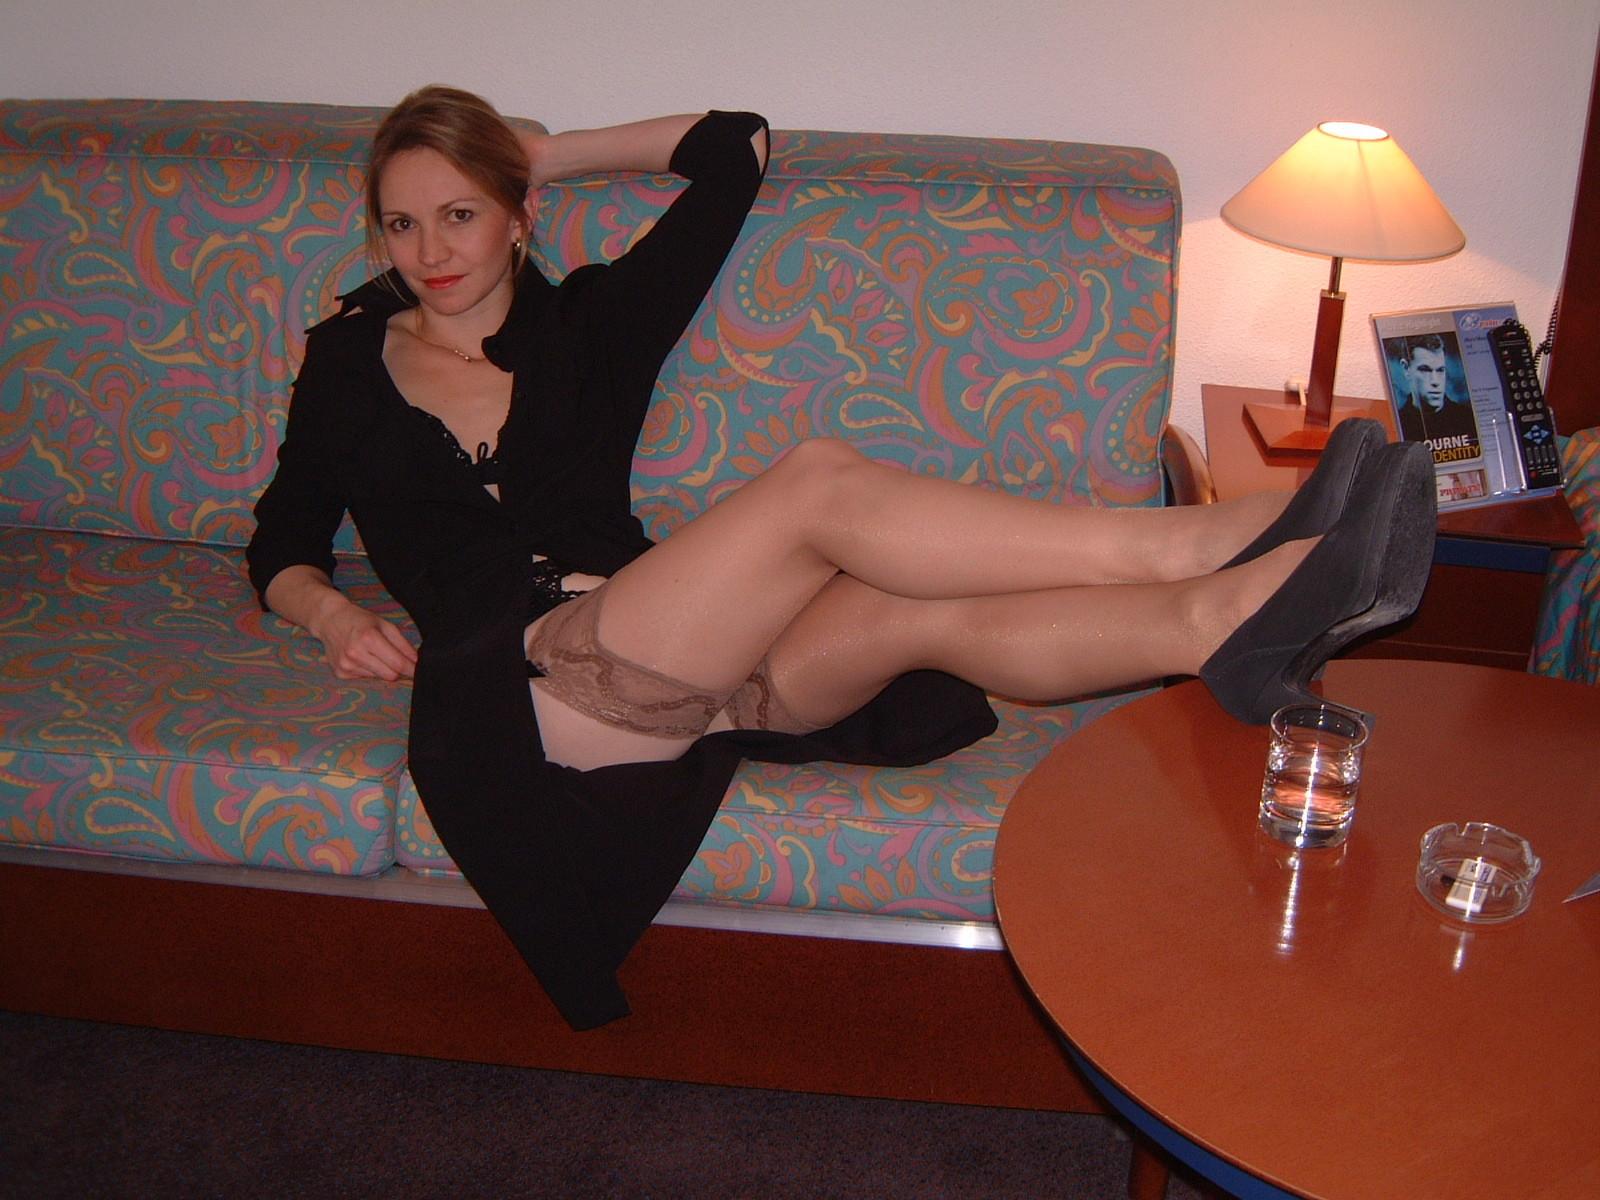 Фото выложил фото любовницы, Голые жены, домашние порно фото с женой » Страница 3 14 фотография